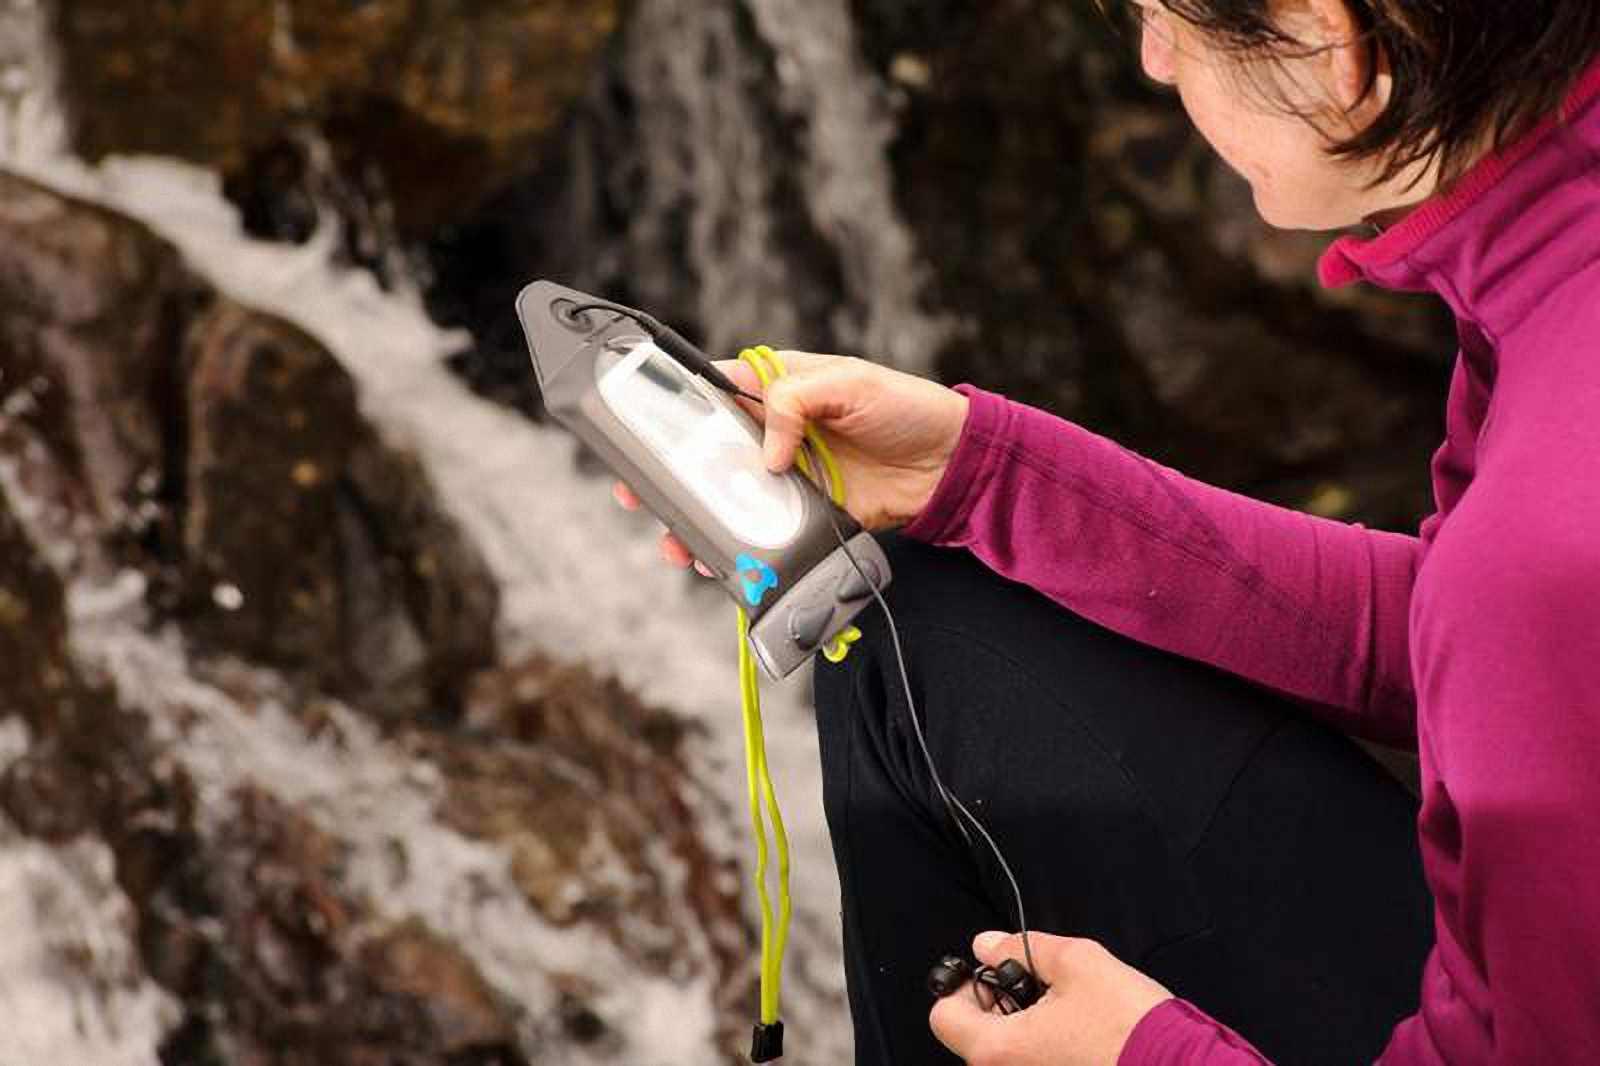 Водонепроницаемый чехол Aquapac 518 - Connected Electronics Case.. Aquapac - №1 в мире водонепроницаемых чехлов и сумок. Фото 2